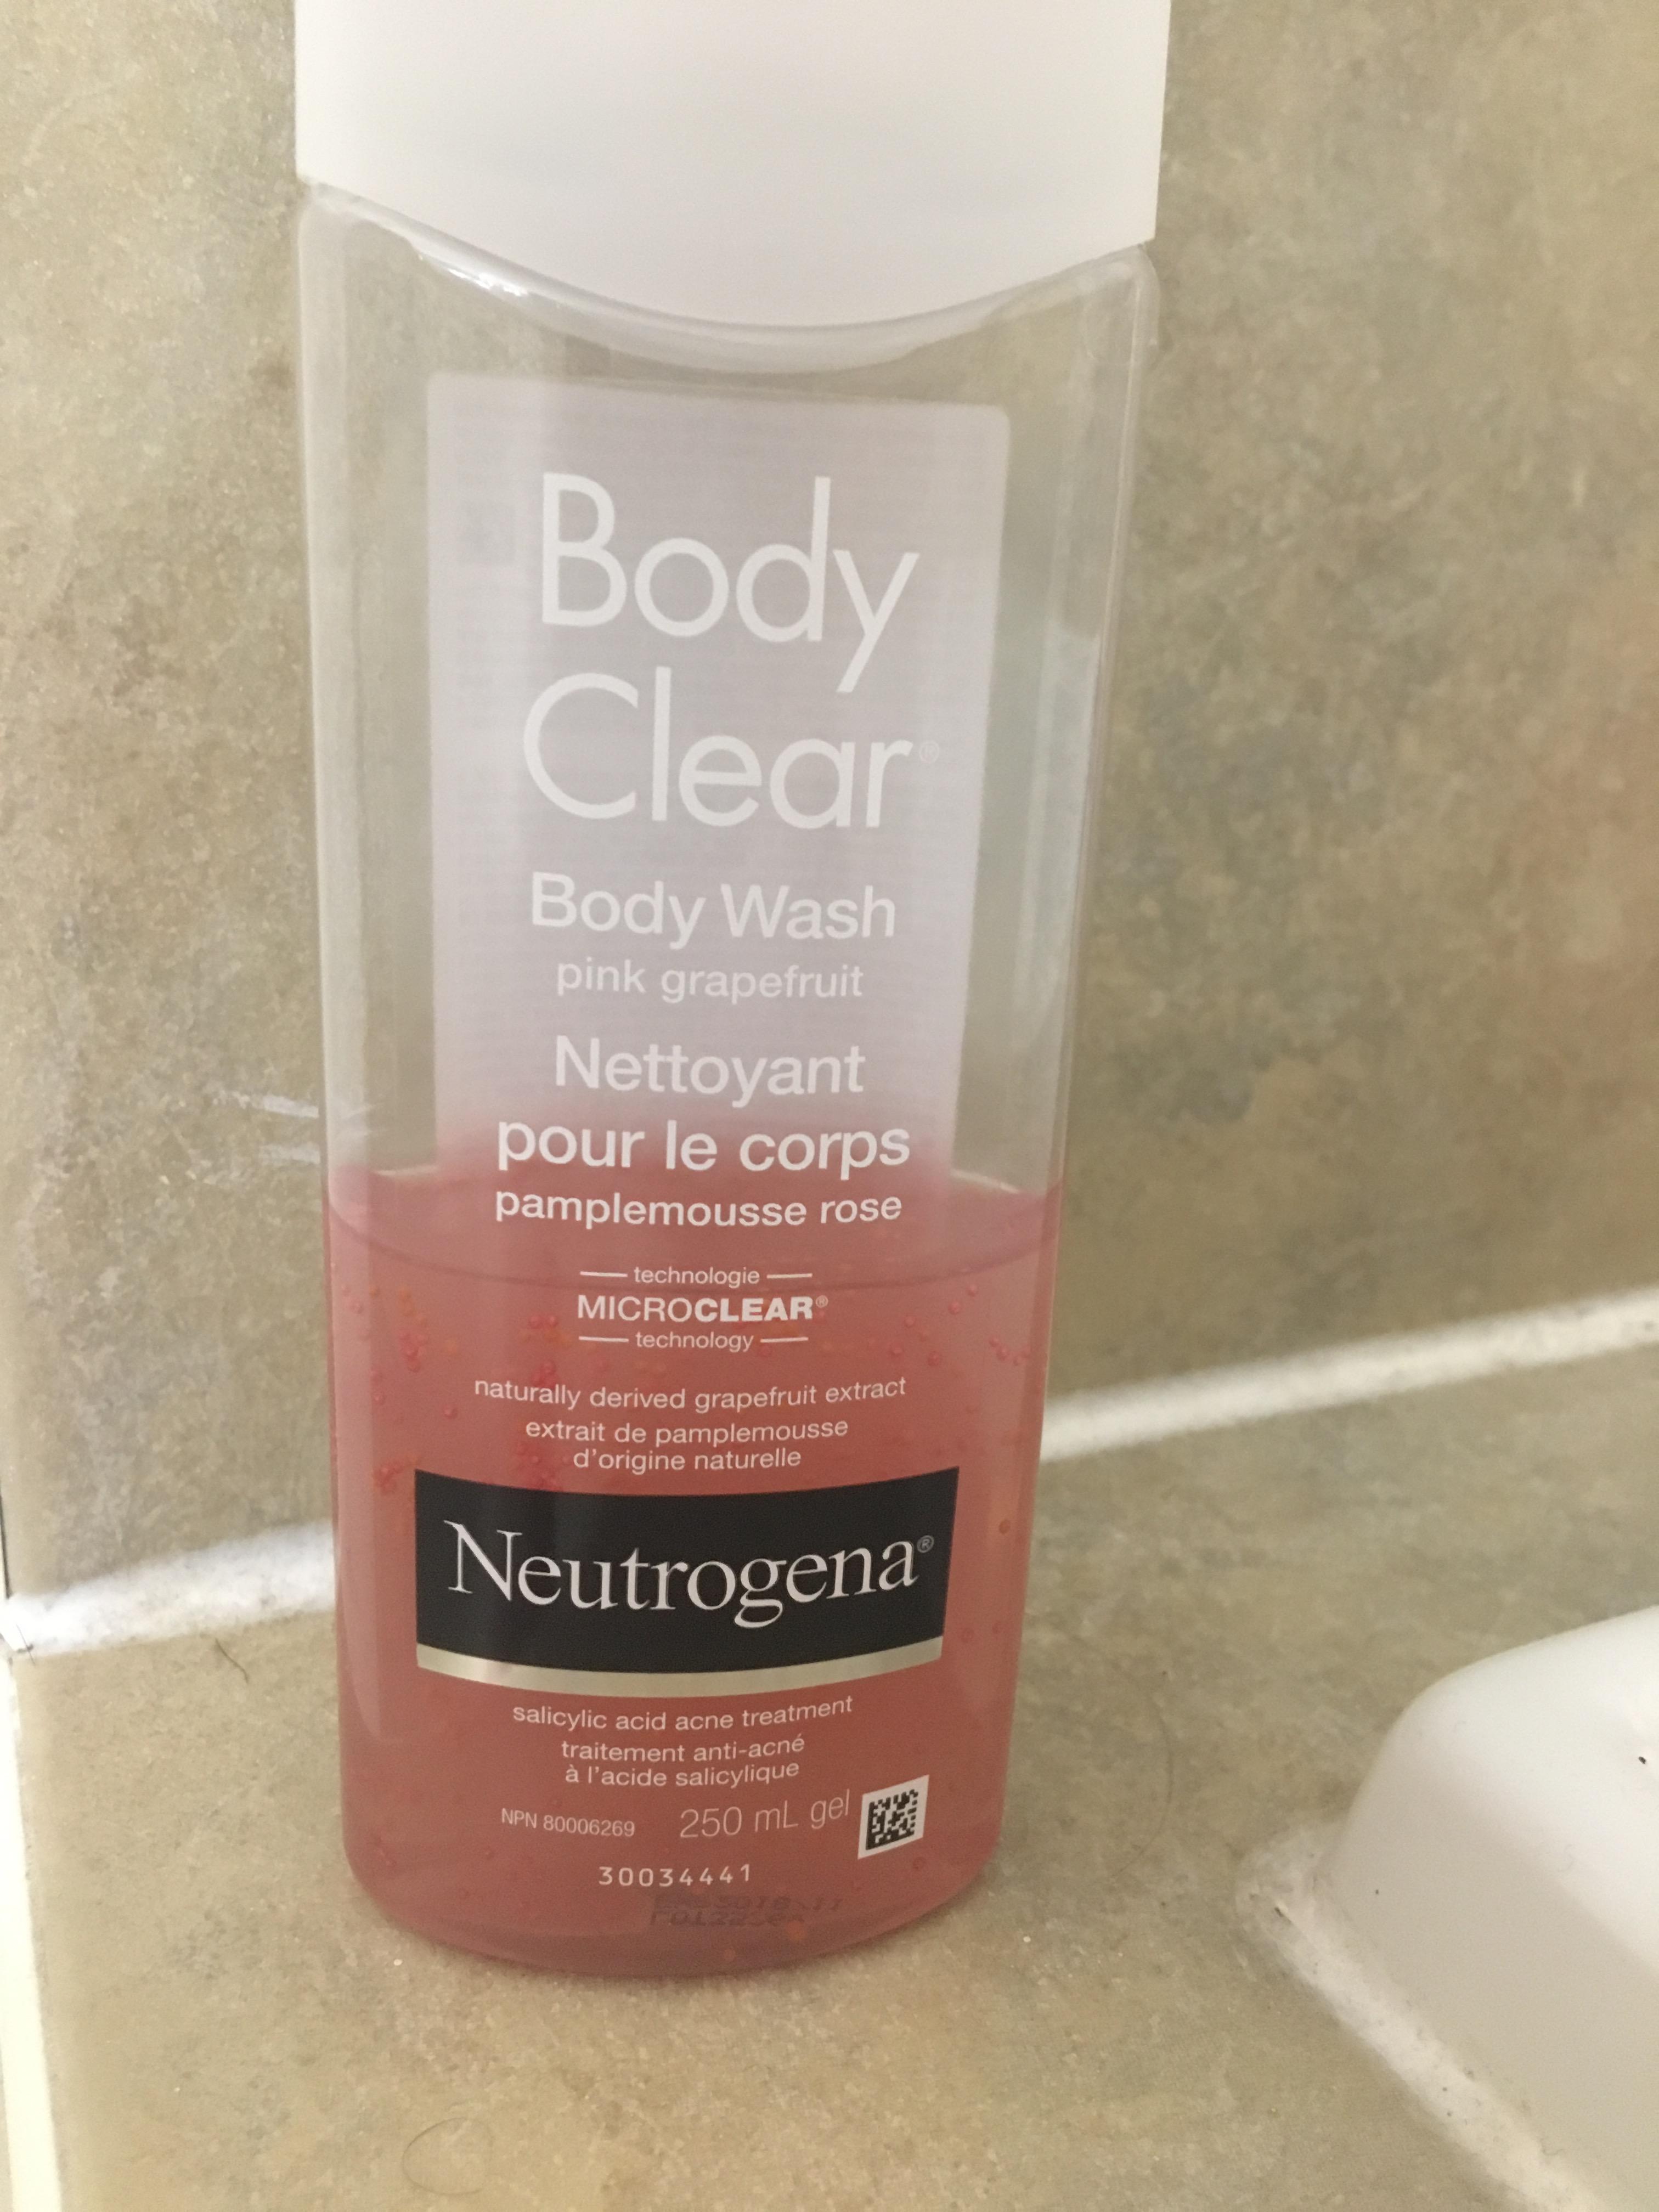 Neutrogena Body Clear Body Wash Review Beauty Brains